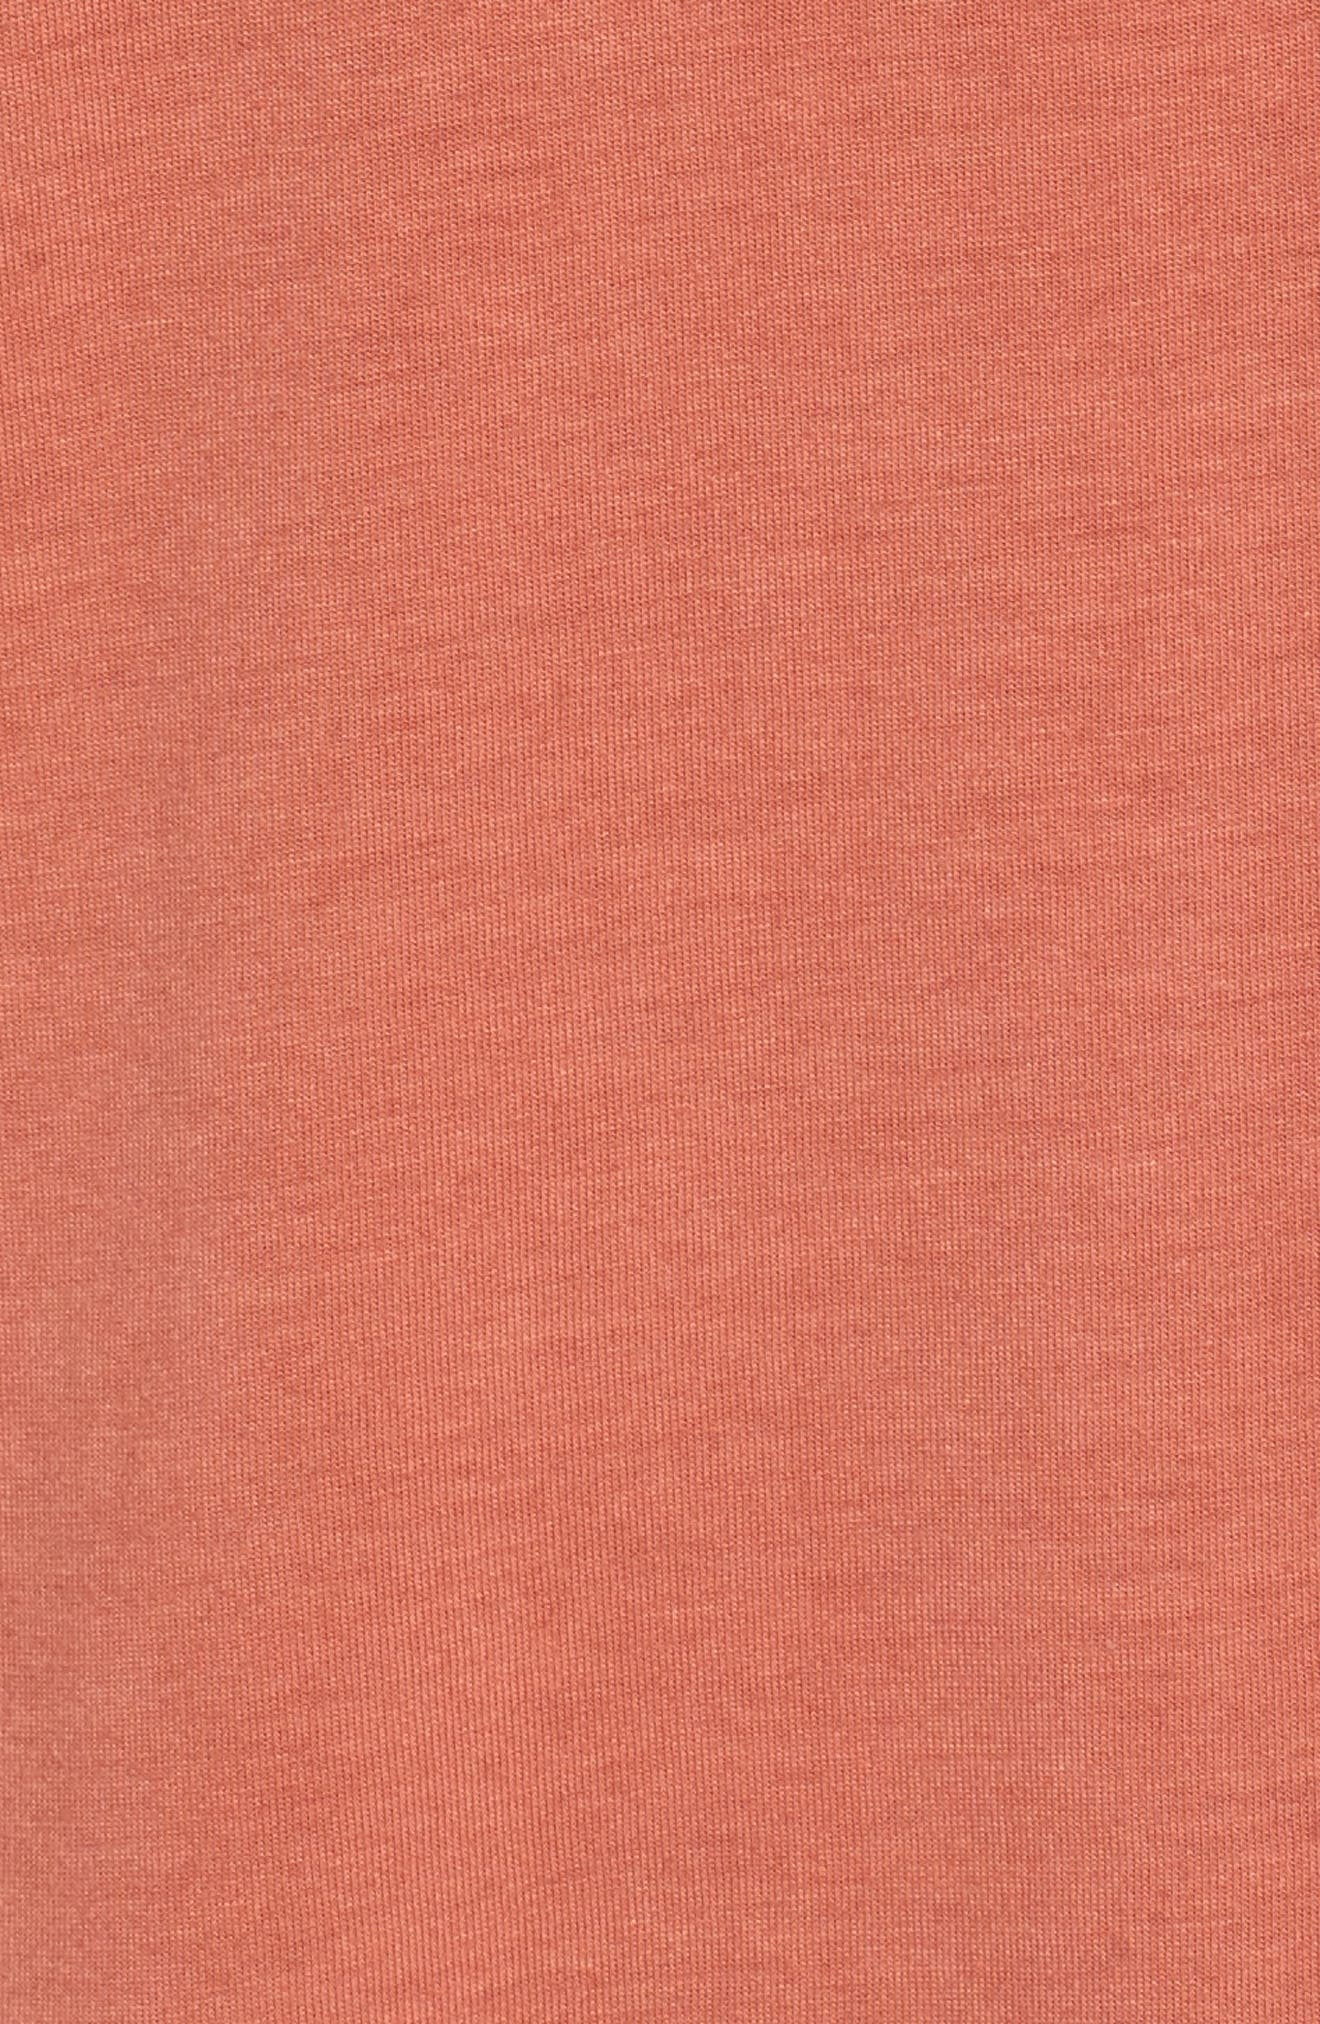 Pocket Tank Dress,                             Alternate thumbnail 6, color,                             PINK DESERT